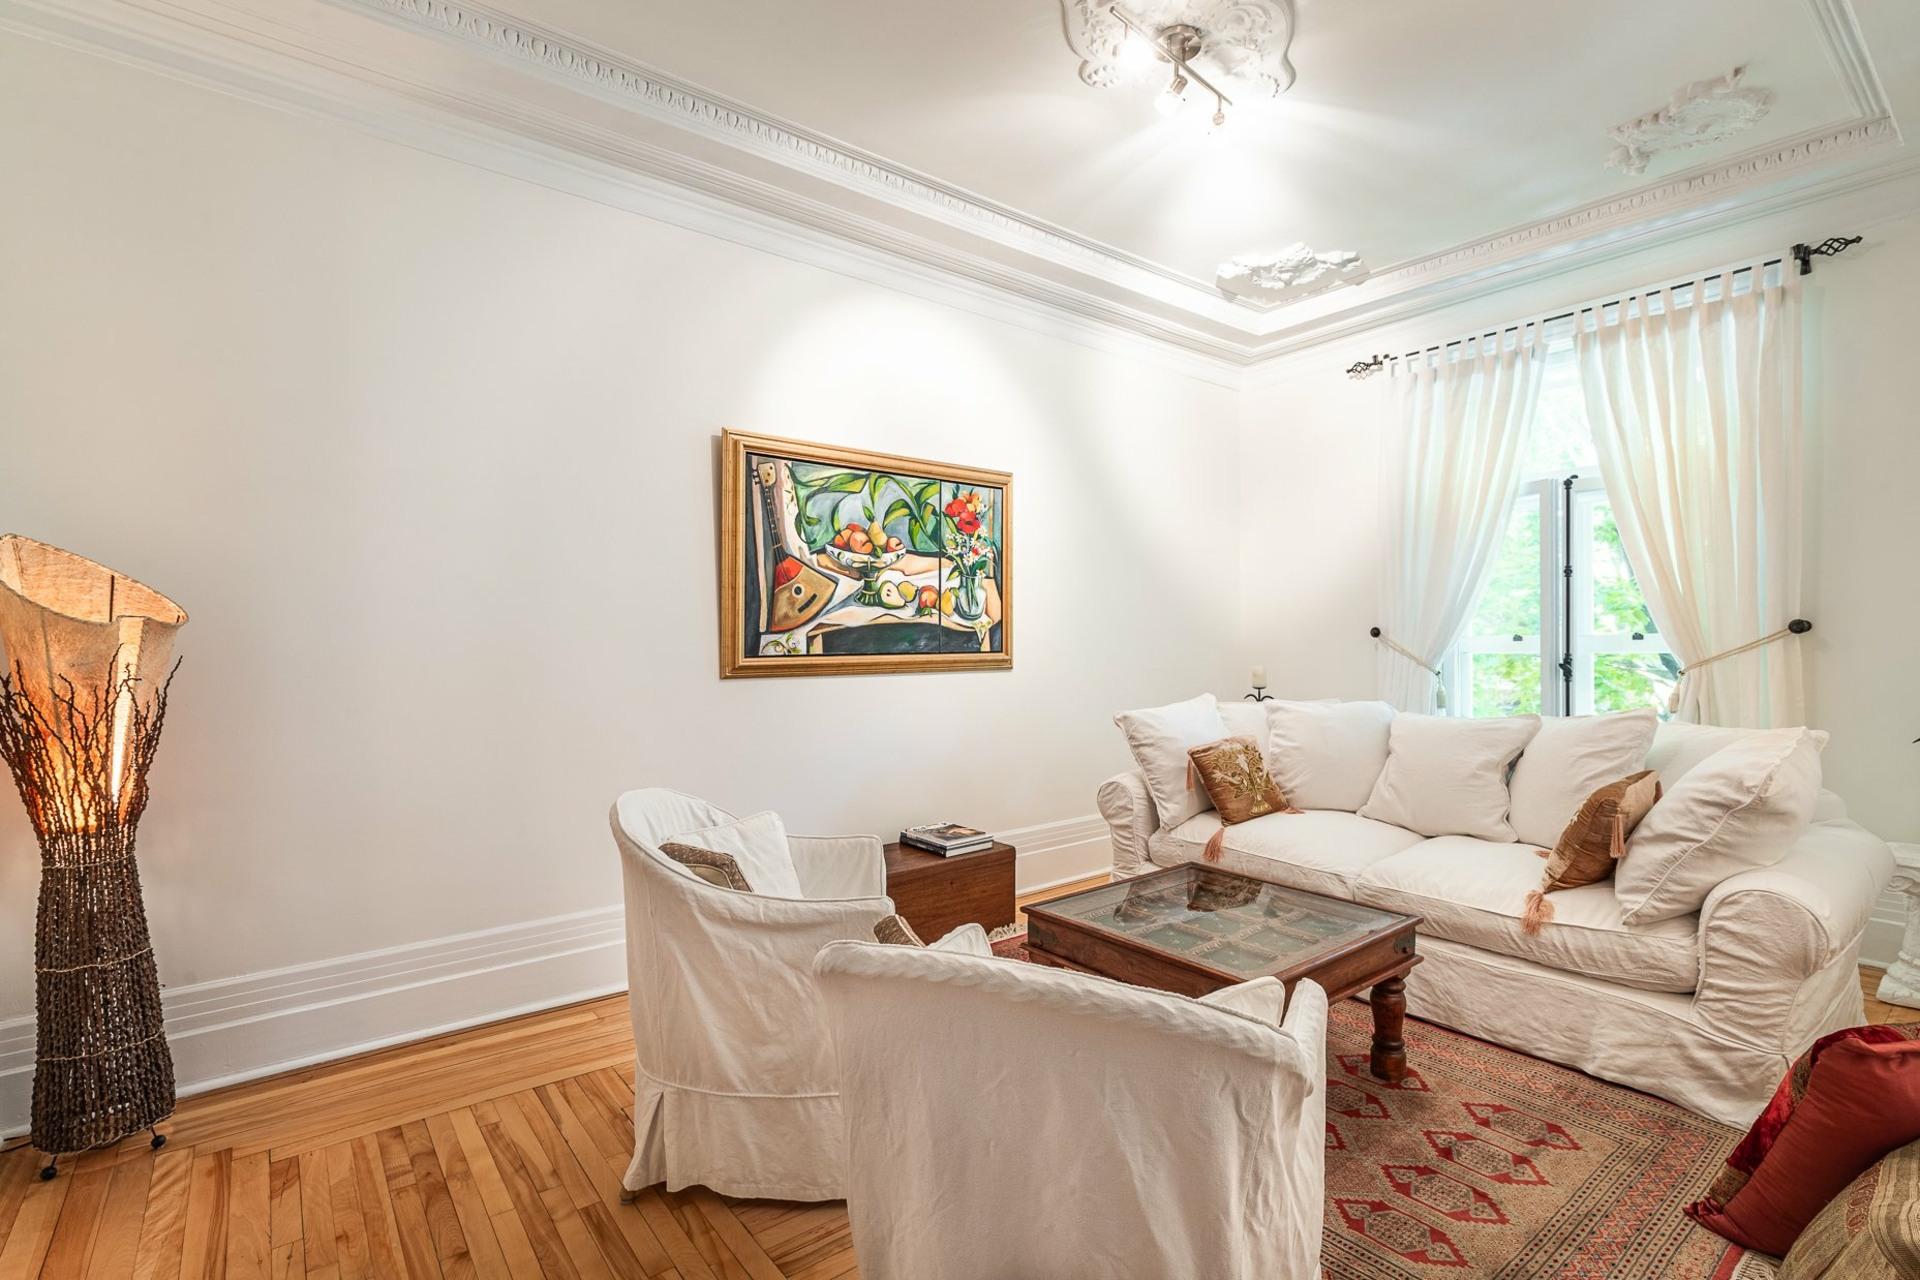 image 2 - Apartment For sale Le Plateau-Mont-Royal Montréal  - 8 rooms